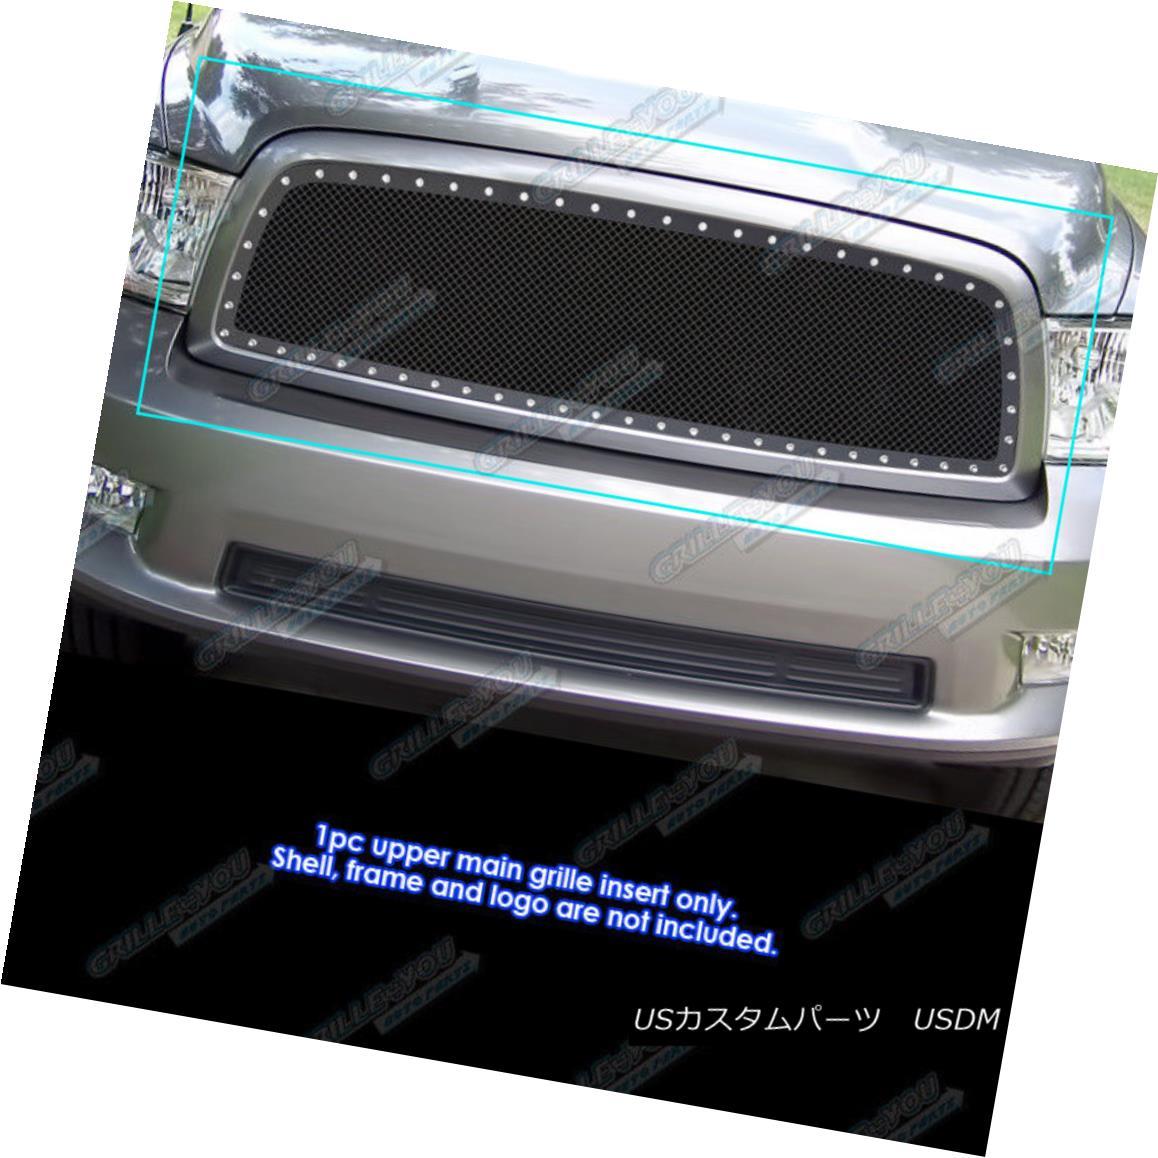 グリル Fits 2009-2012 Dodge Ram 1500 Upper Black Rivet Studs Grille Inserts フィット2009-2012ダッジラム1500アッパーブラックリベットスタッズグリルインサート